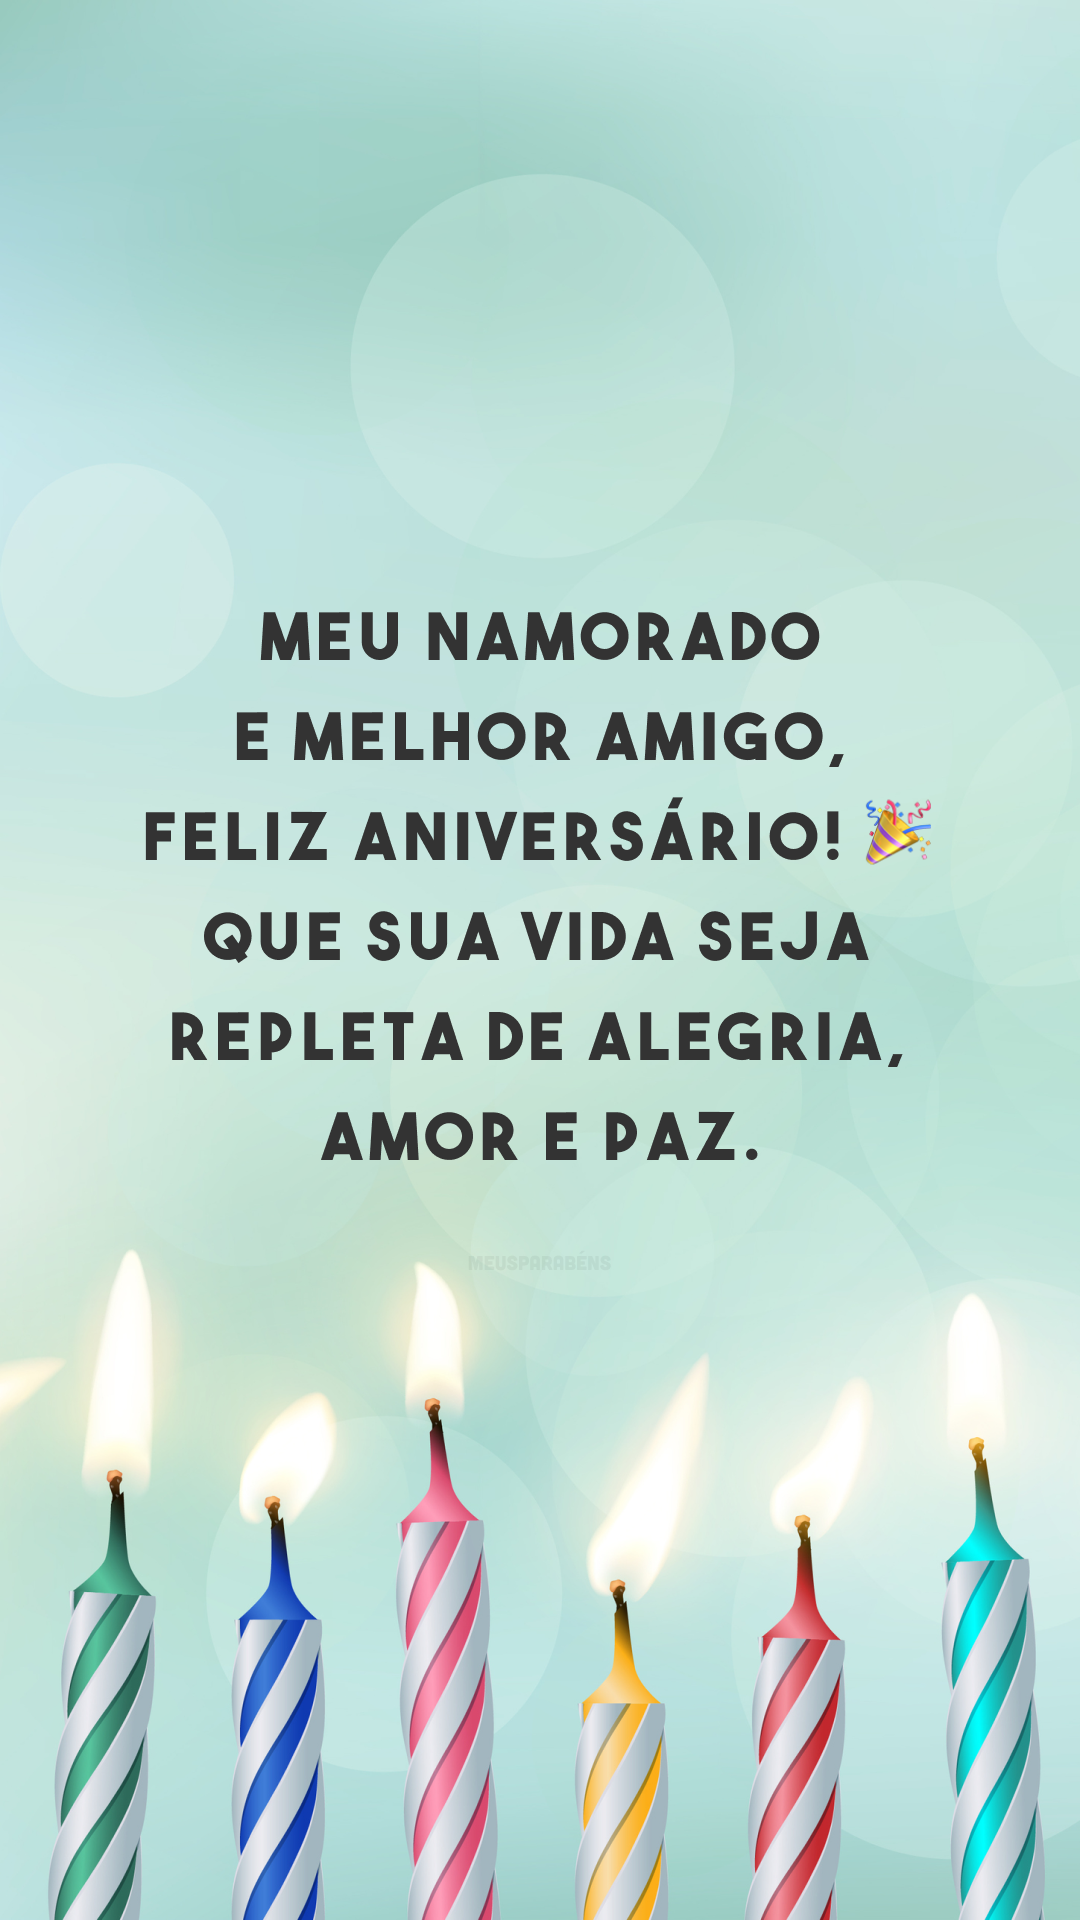 Meu namorado e melhor amigo, feliz aniversário! 🎉 Que sua vida seja repleta de alegria, amor e paz.